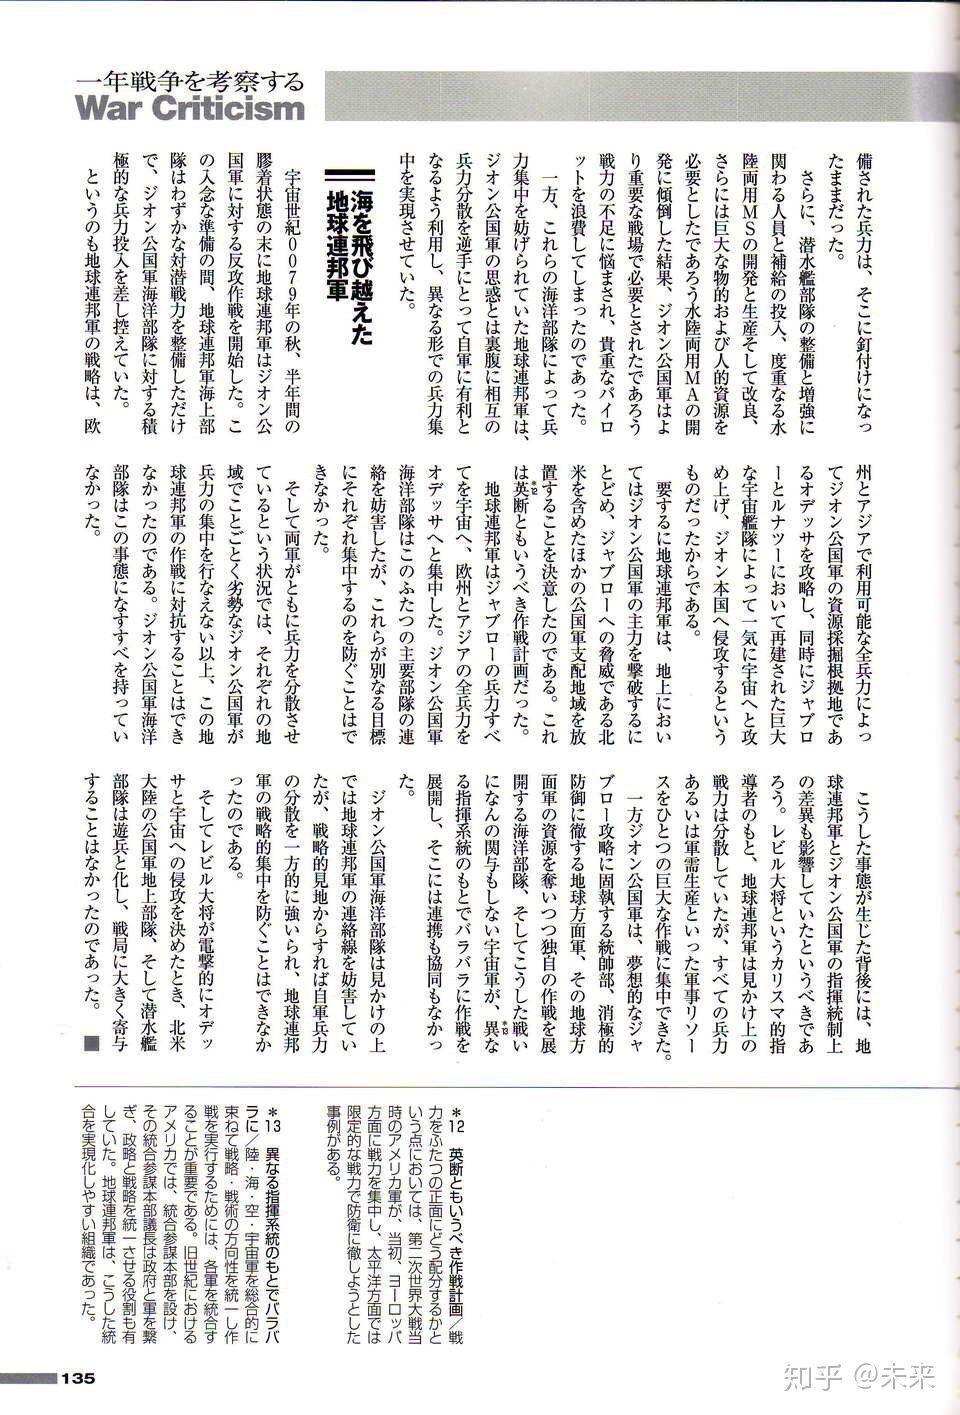 死者 世界 二 第 次 大戦 日本